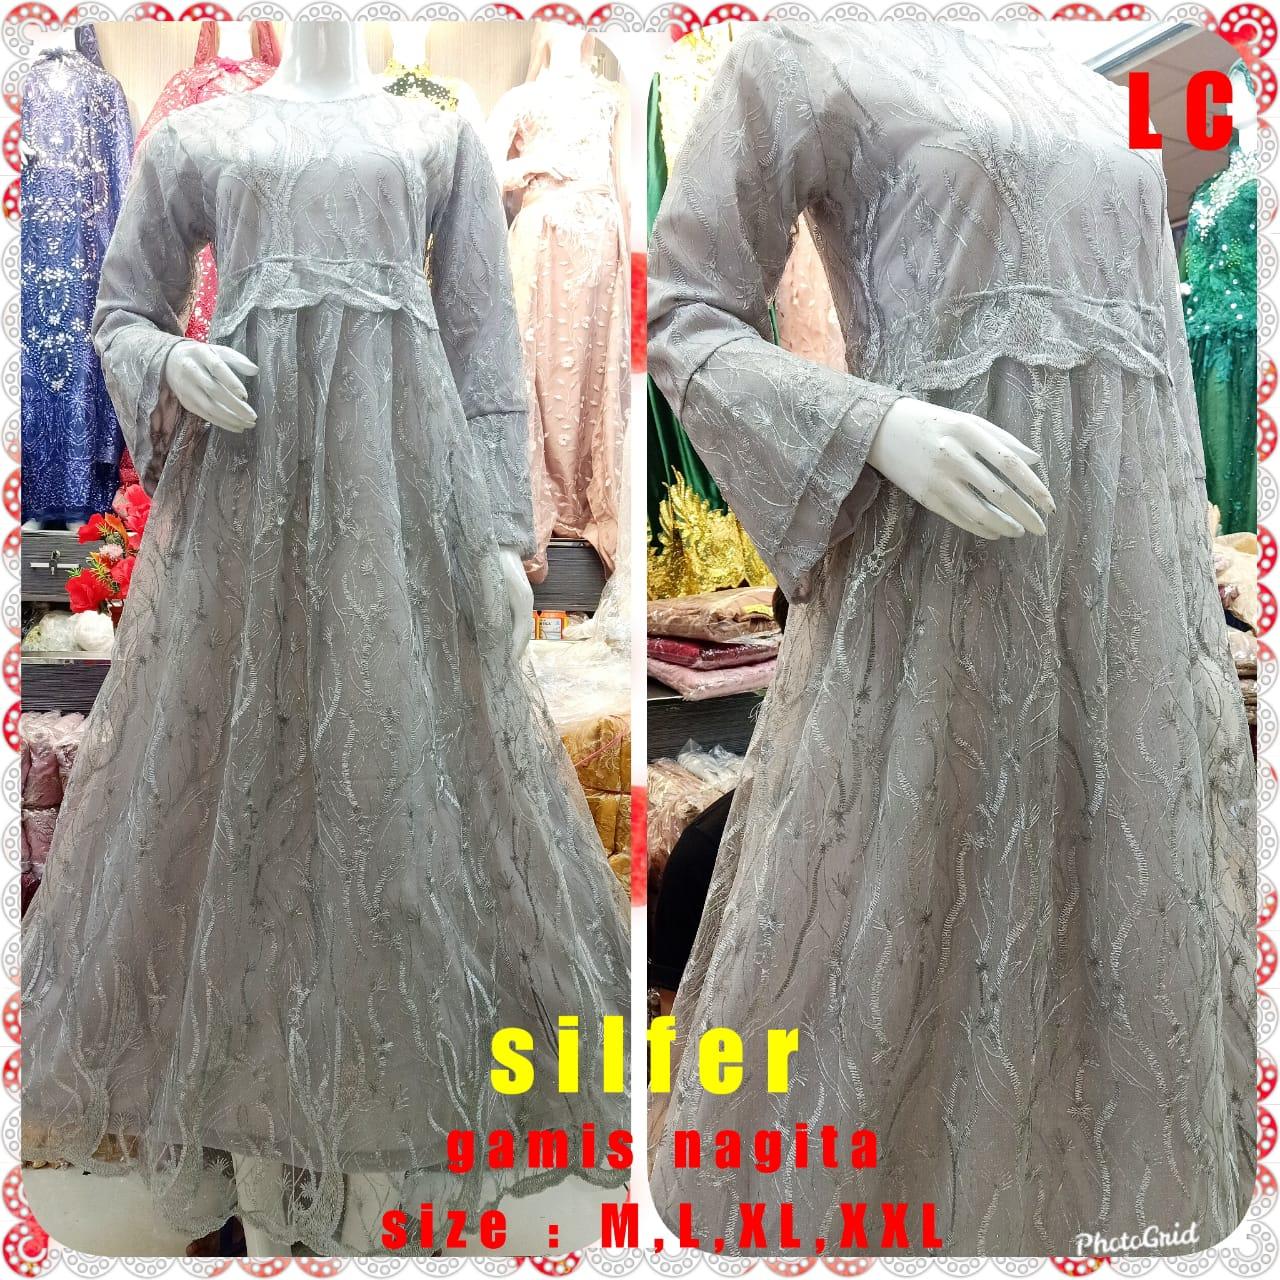 Gamis Muslimah Brukat Tile Nagita / Gamis Brokat Terbaru Buat Acara Formal  & Pengajian (RIIL PICT)